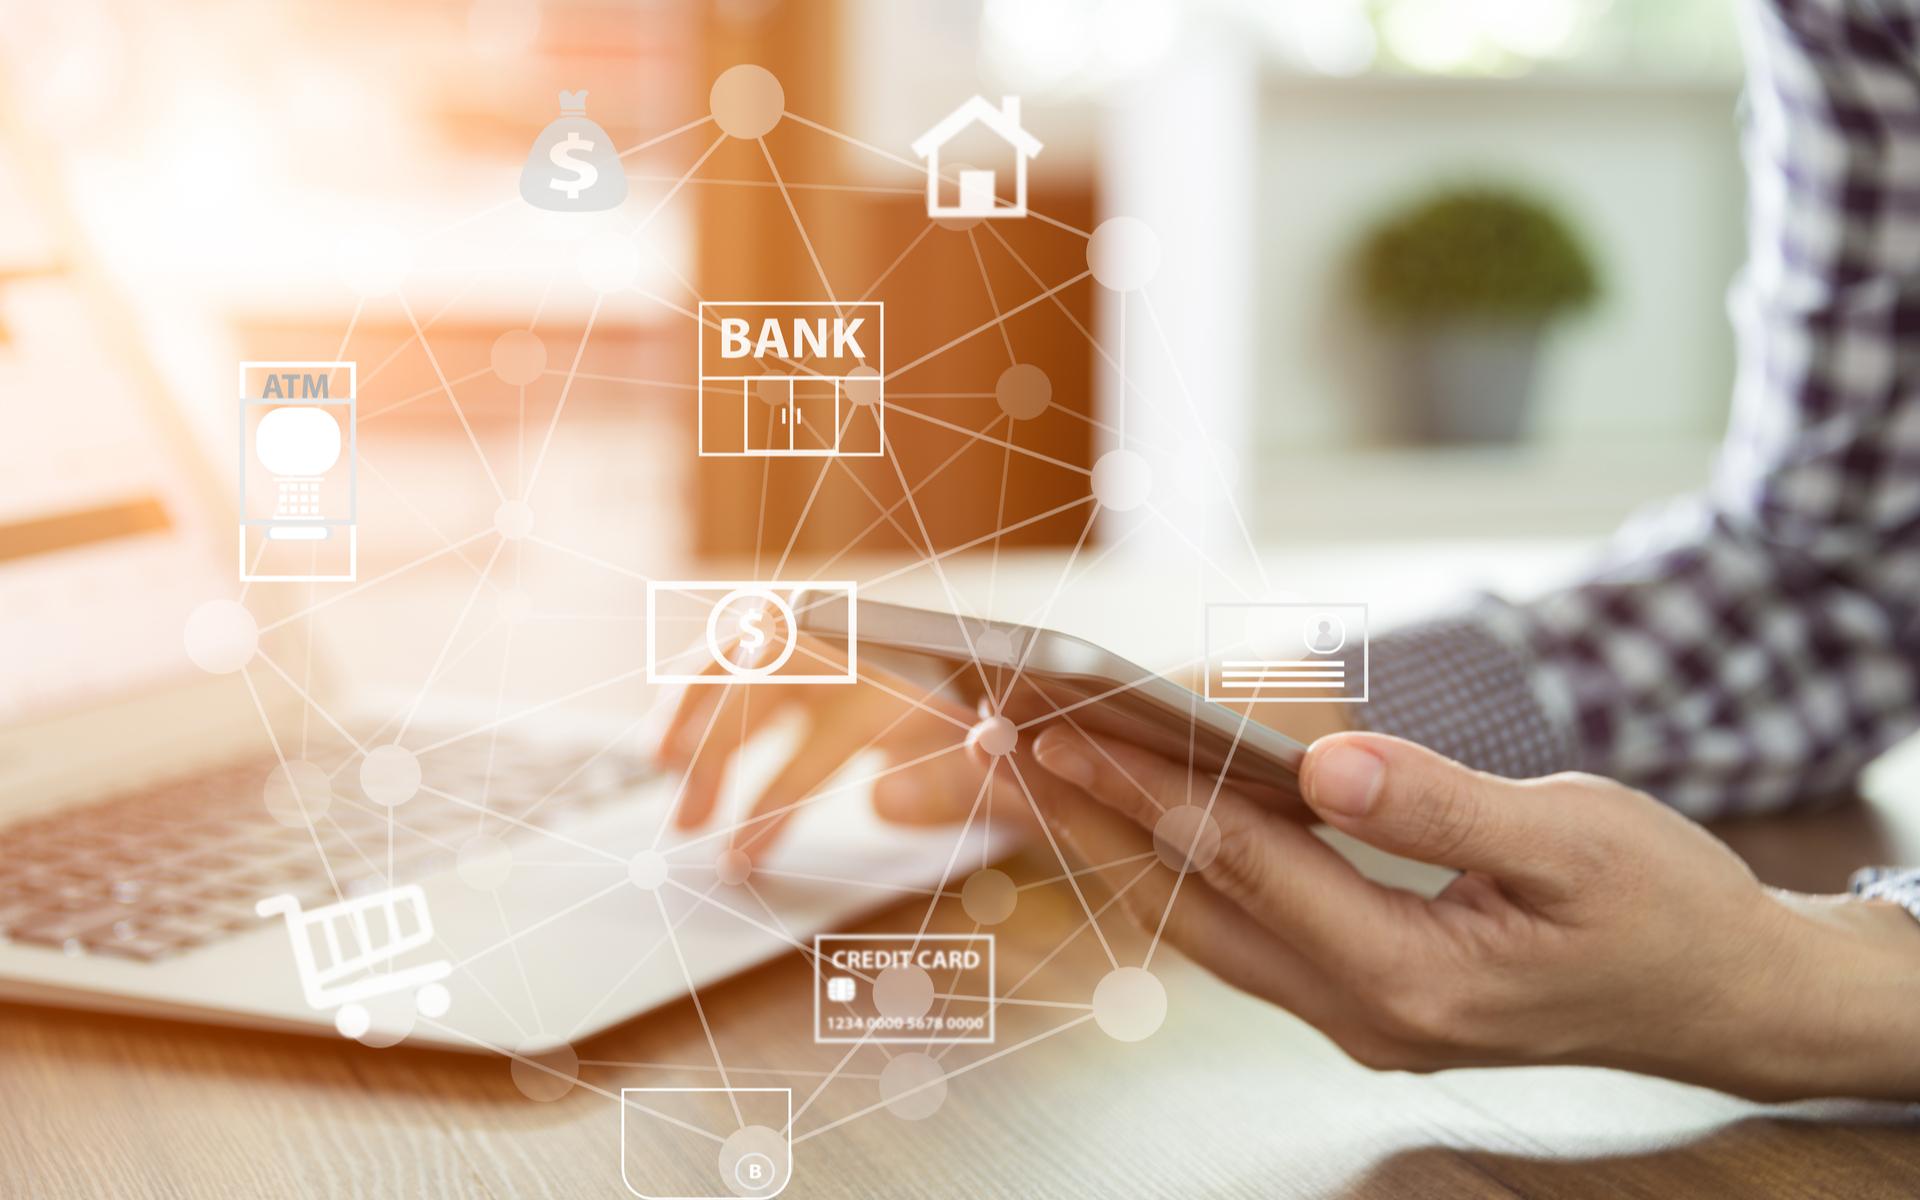 gestione dei rischi bancari